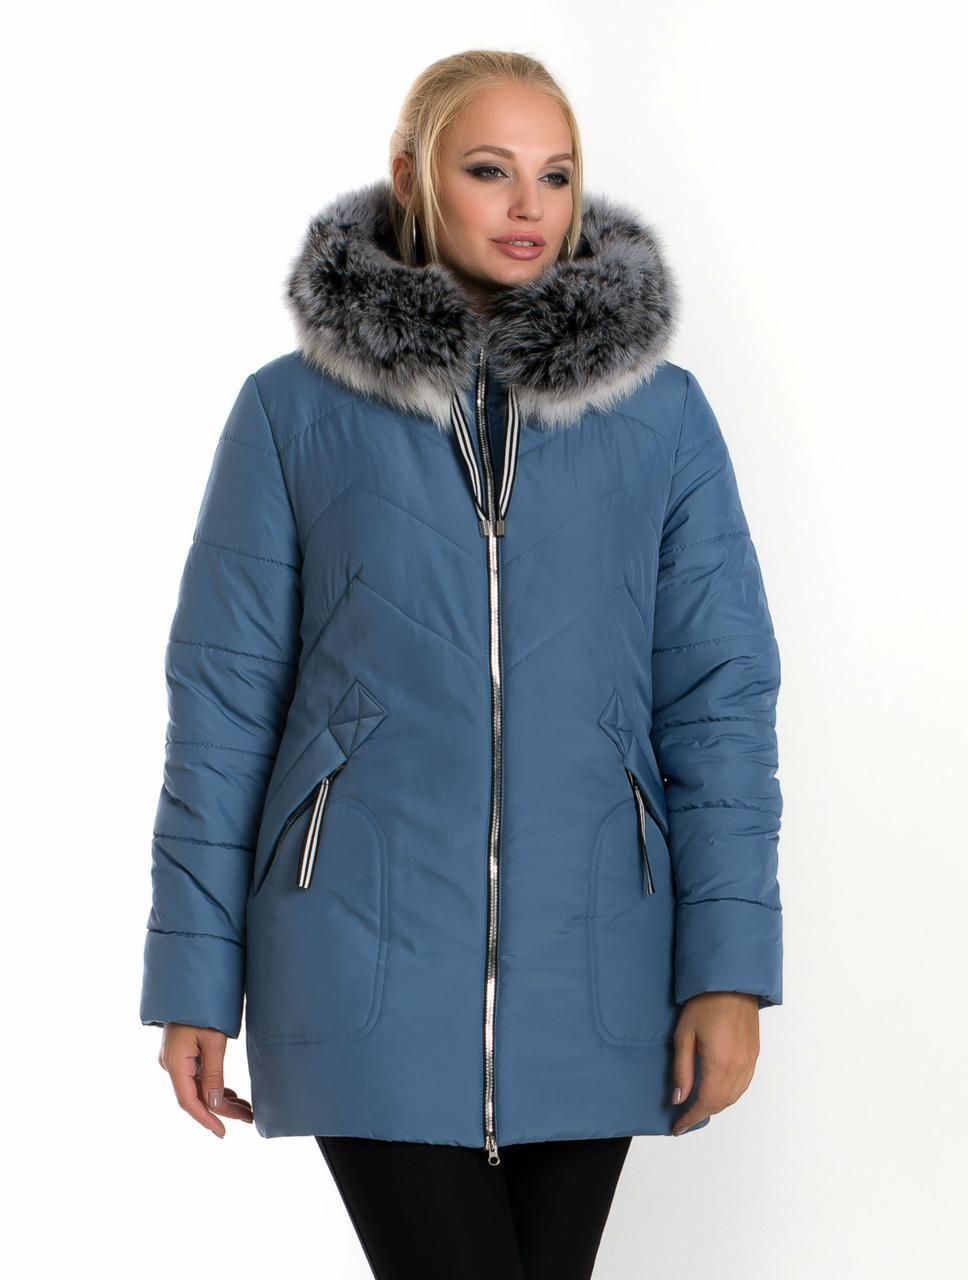 Стильная зимняя женская куртка  с шикарным натуральным мехом батал с 48 по 58 размер